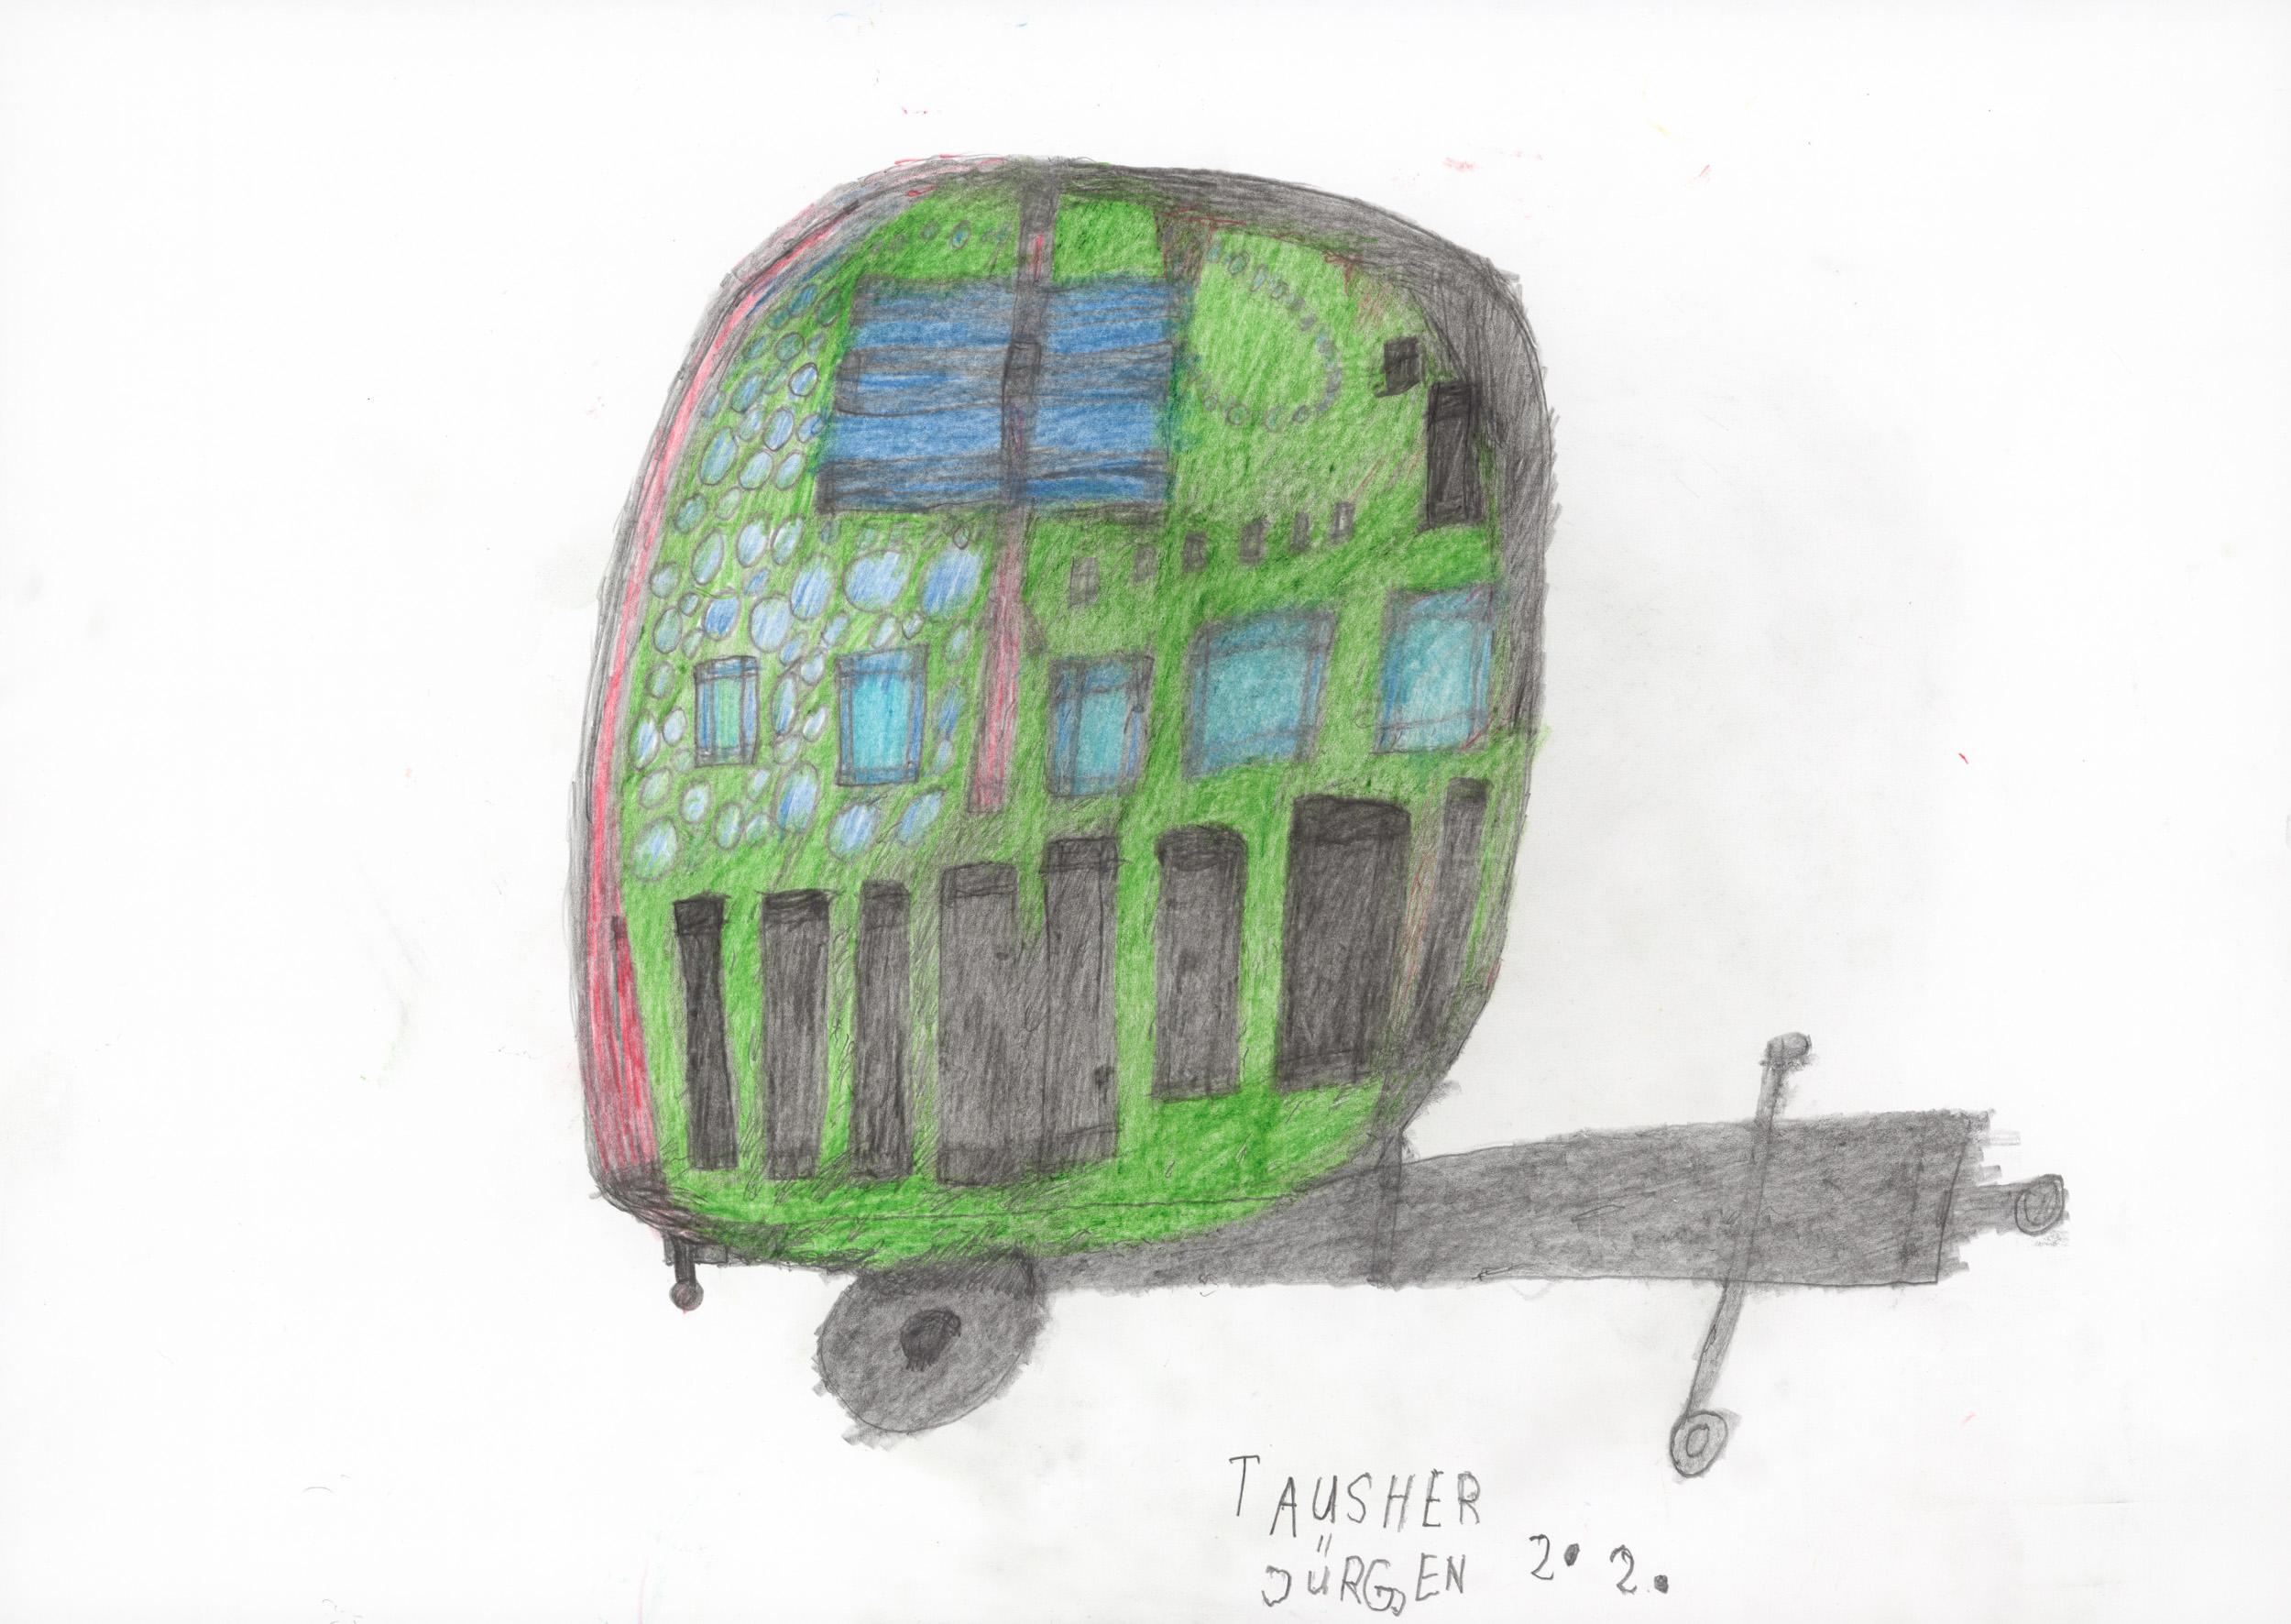 tauscher jürgen - Ein Wohnwagen/ A caravan